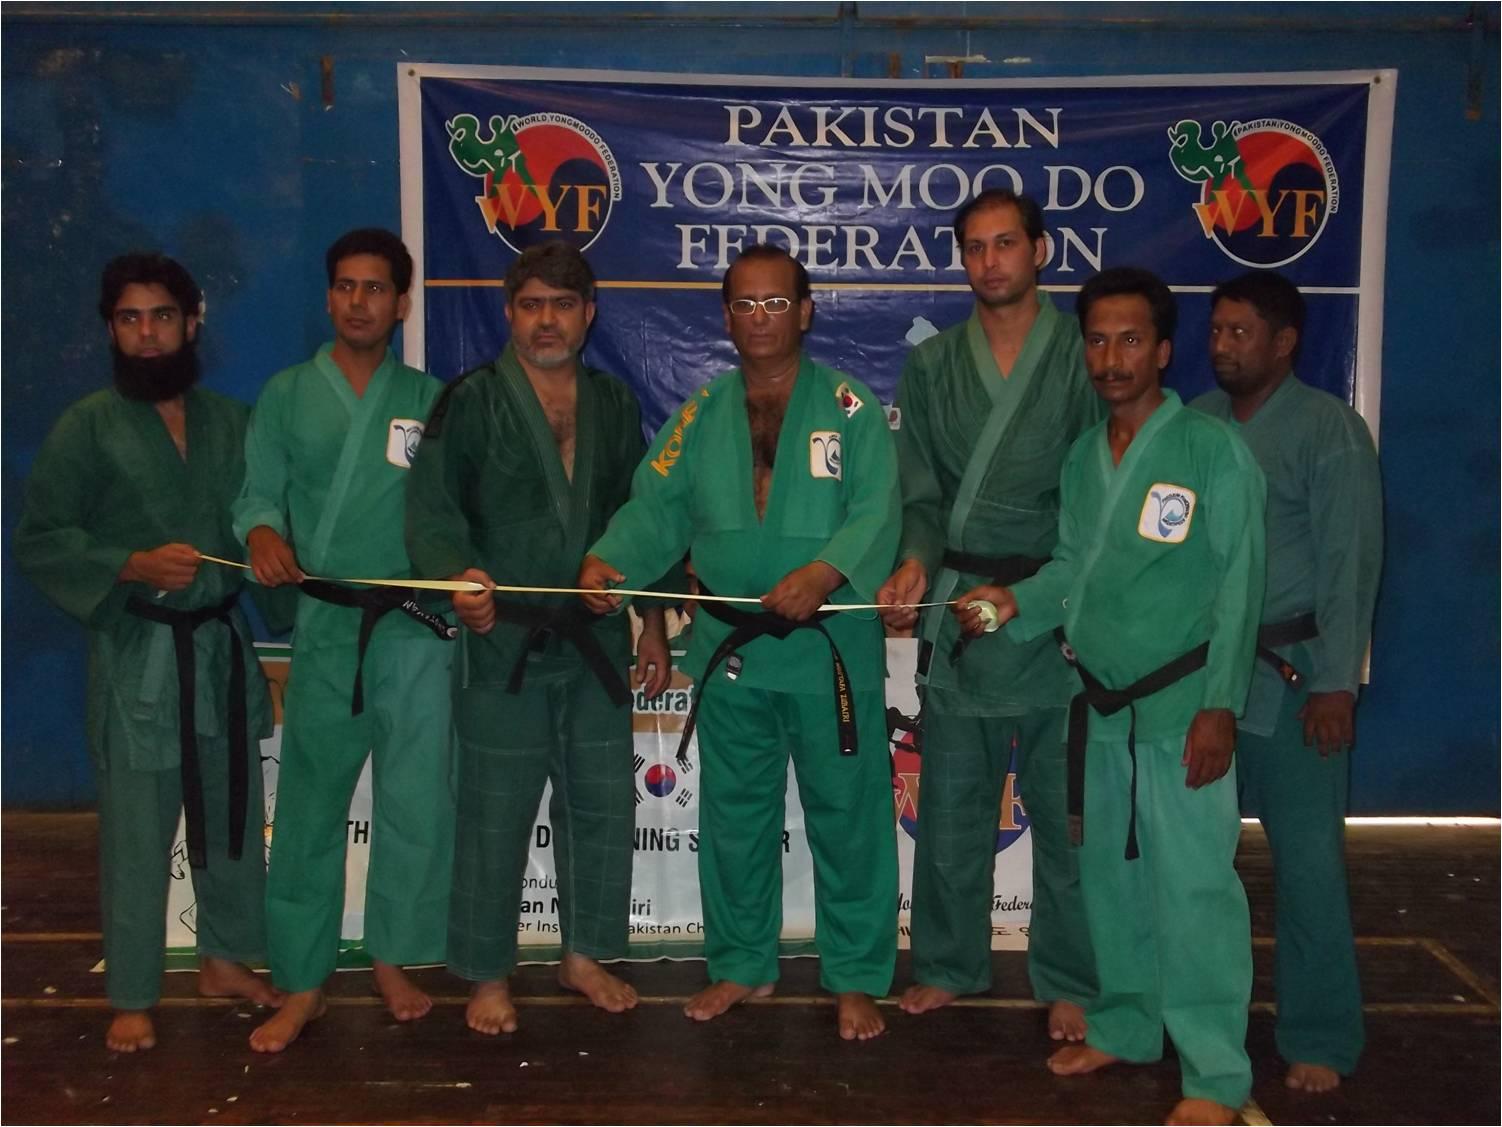 Yong Moo Do seminar at Pakistan Sports Board